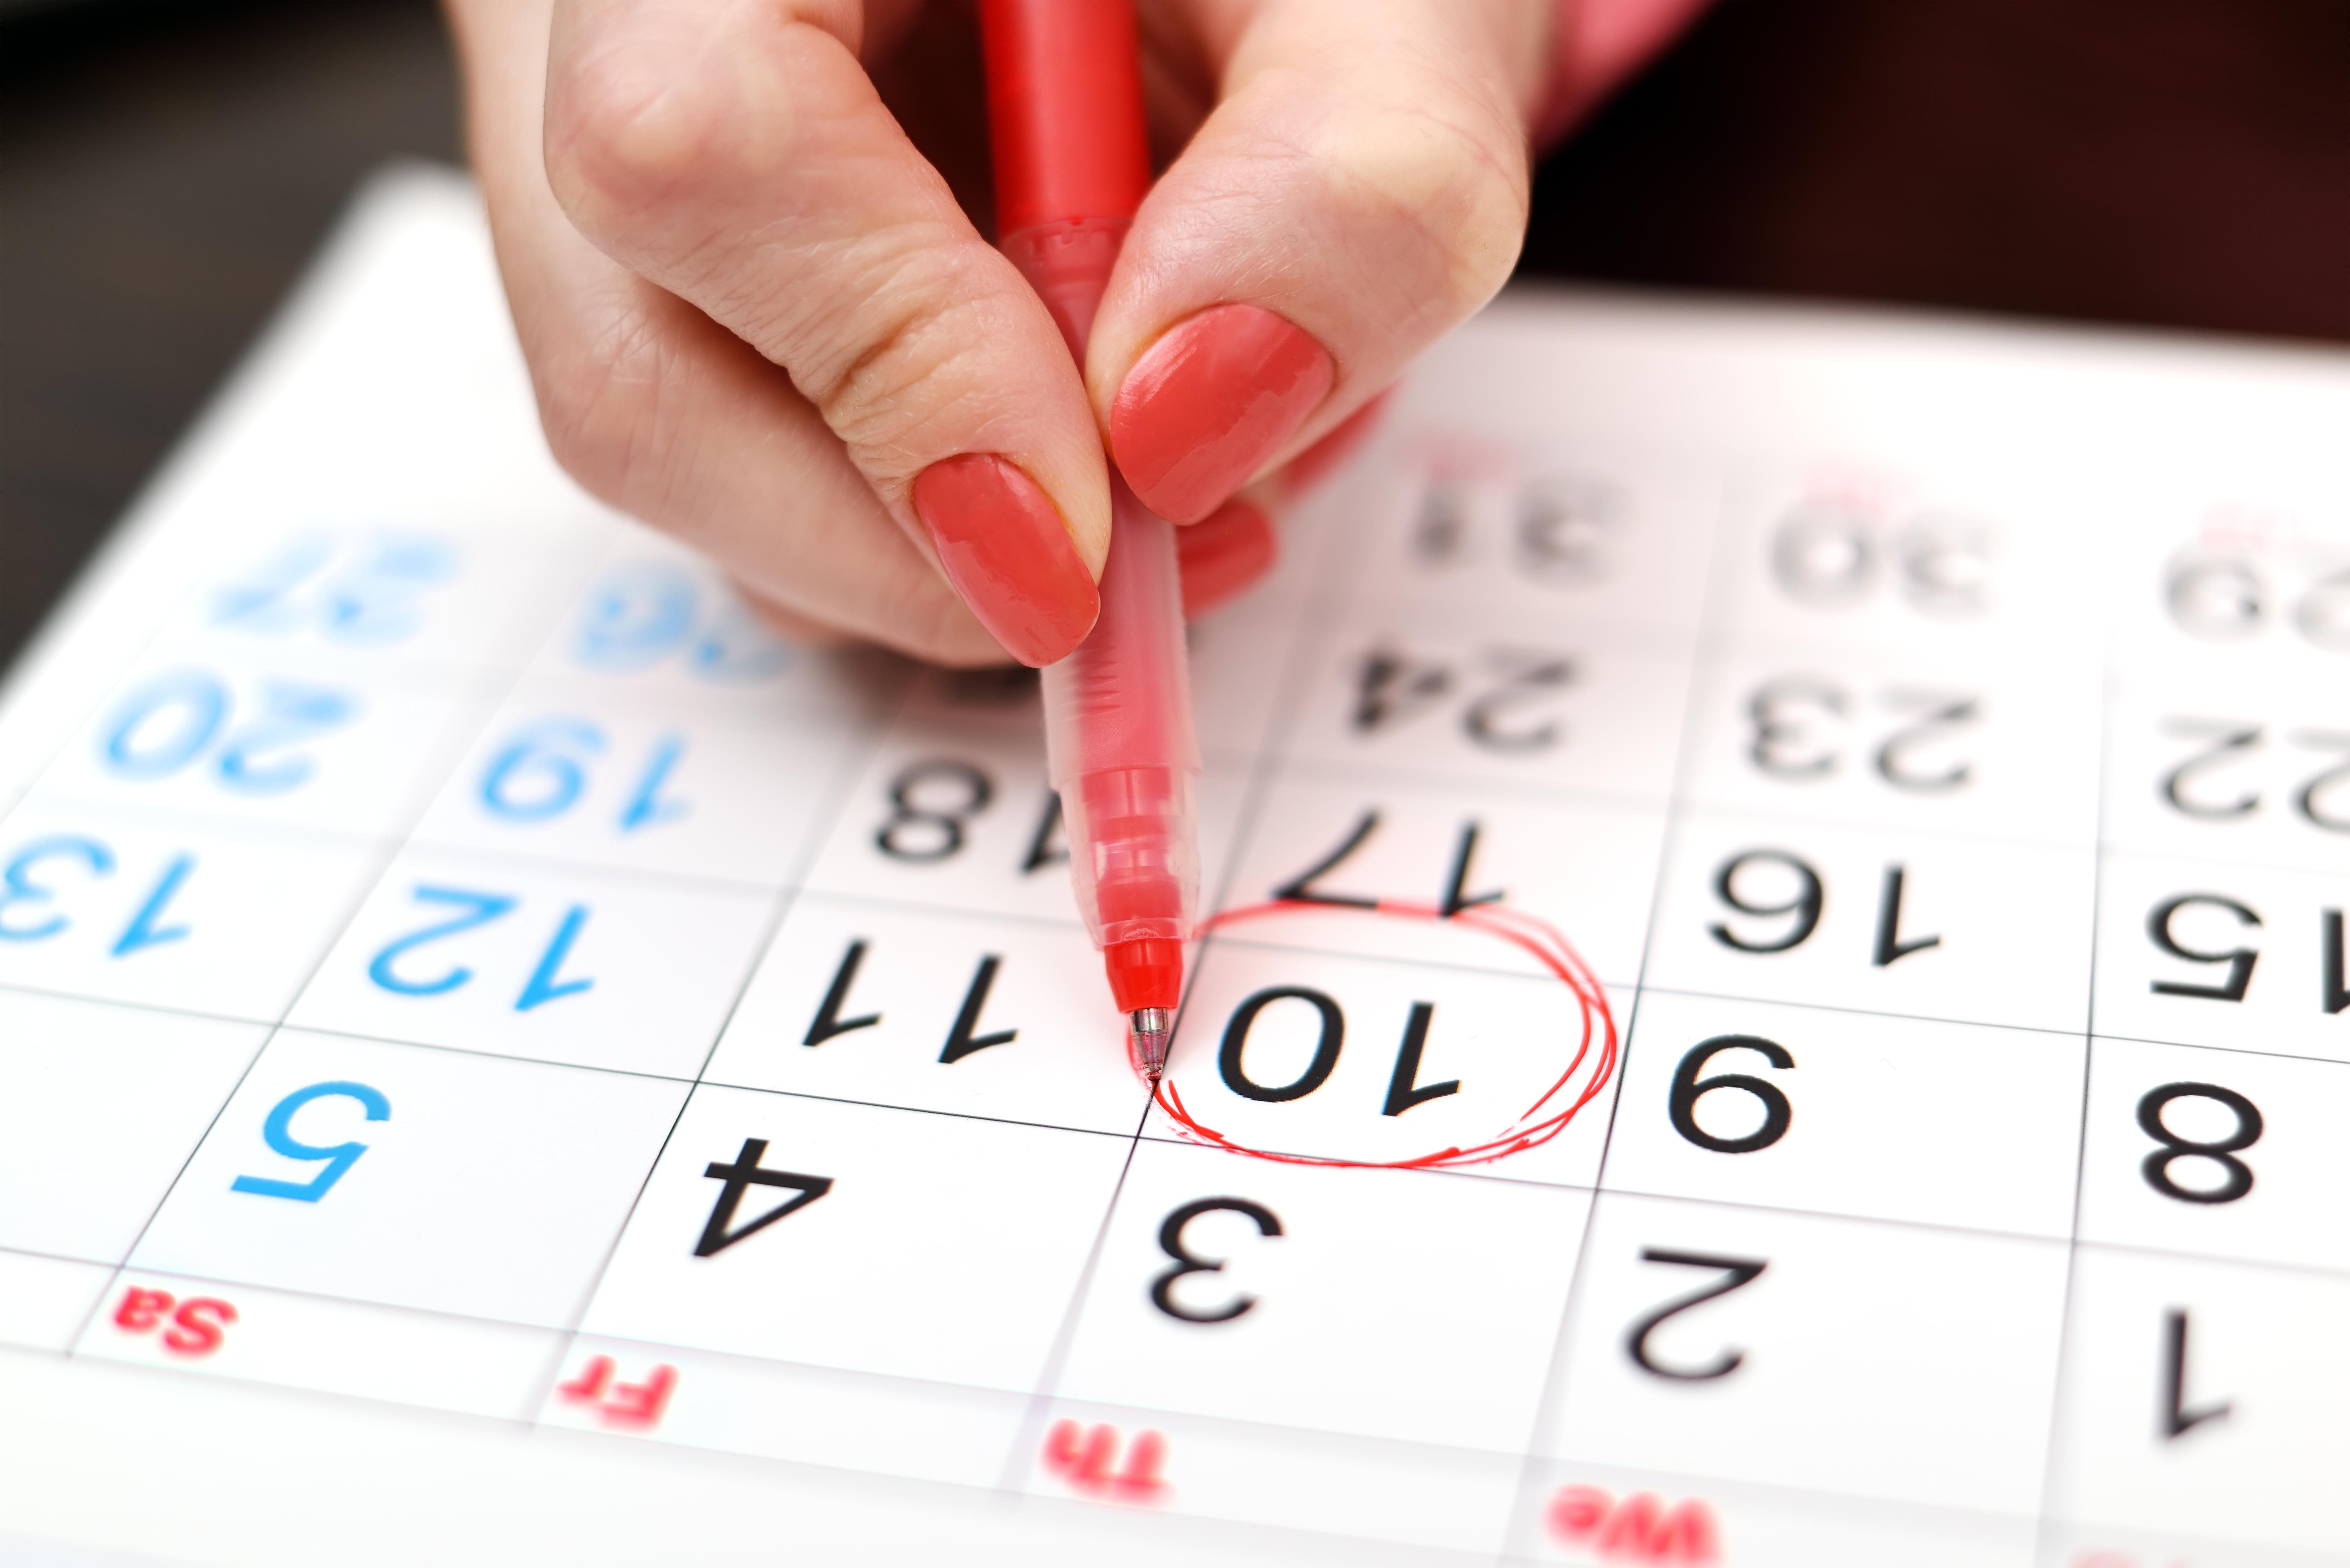 Mano de mujer marcando un día en el calendario con un rotulador rojo